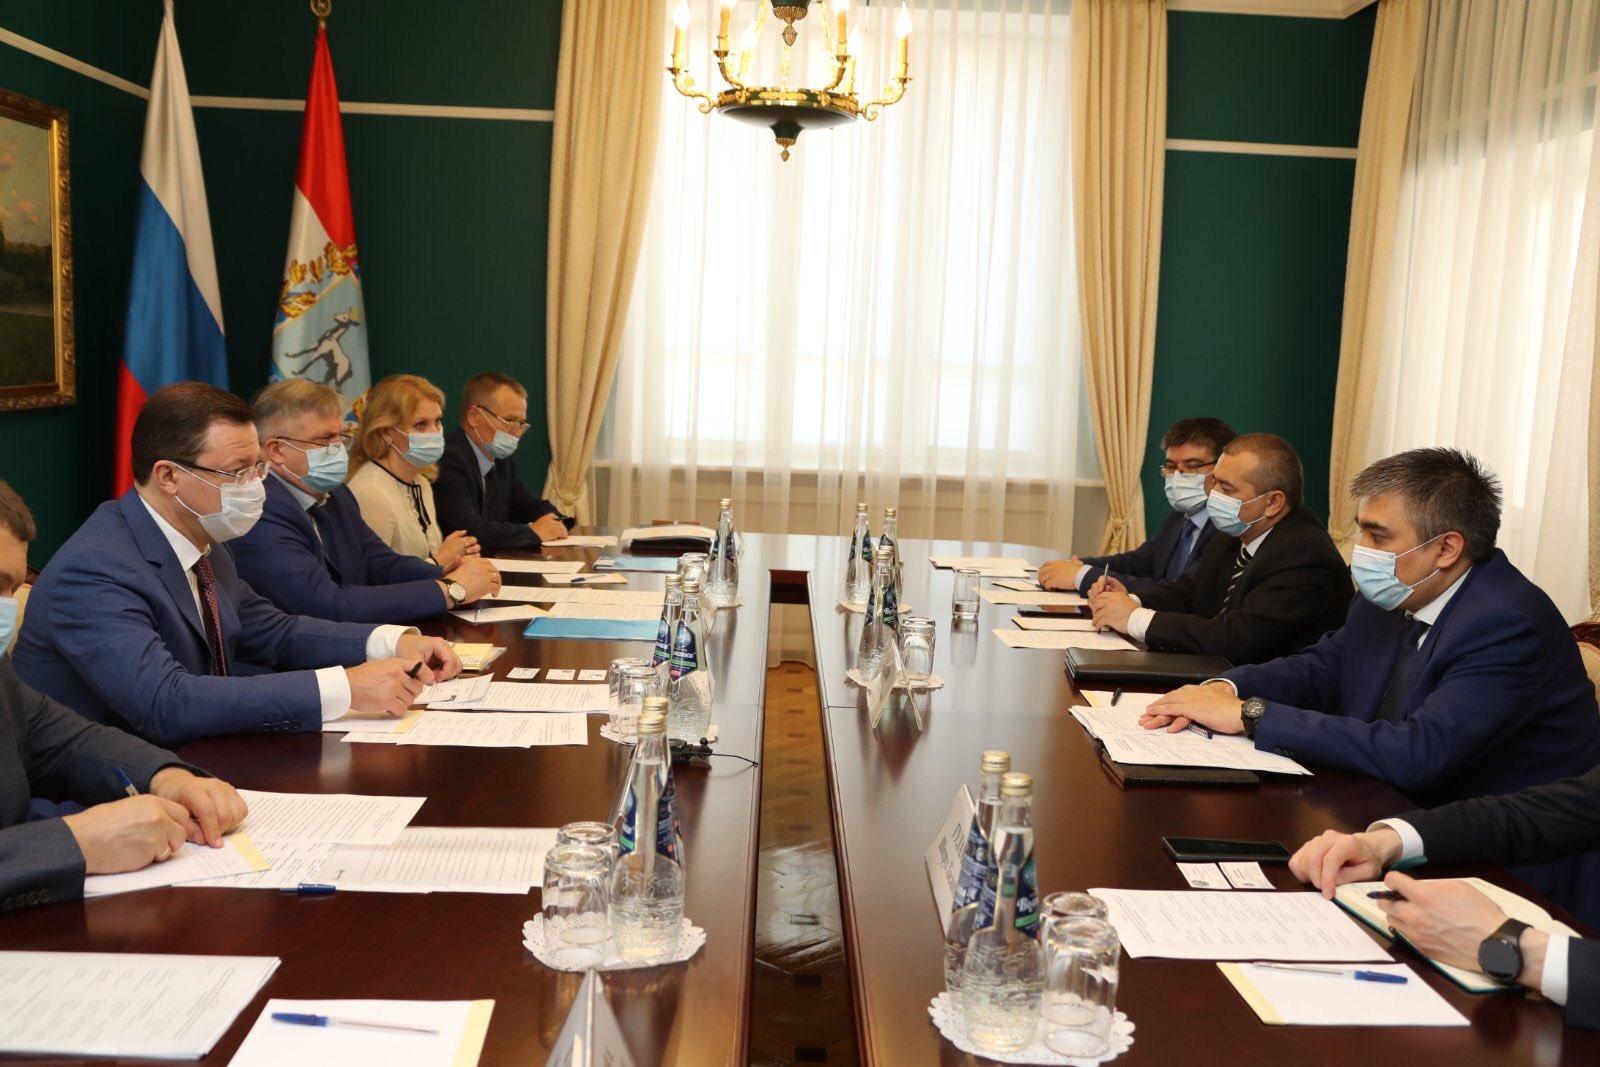 Губернатор Самарской области провел рабочую встречу с Полномочным послом Узбекистана